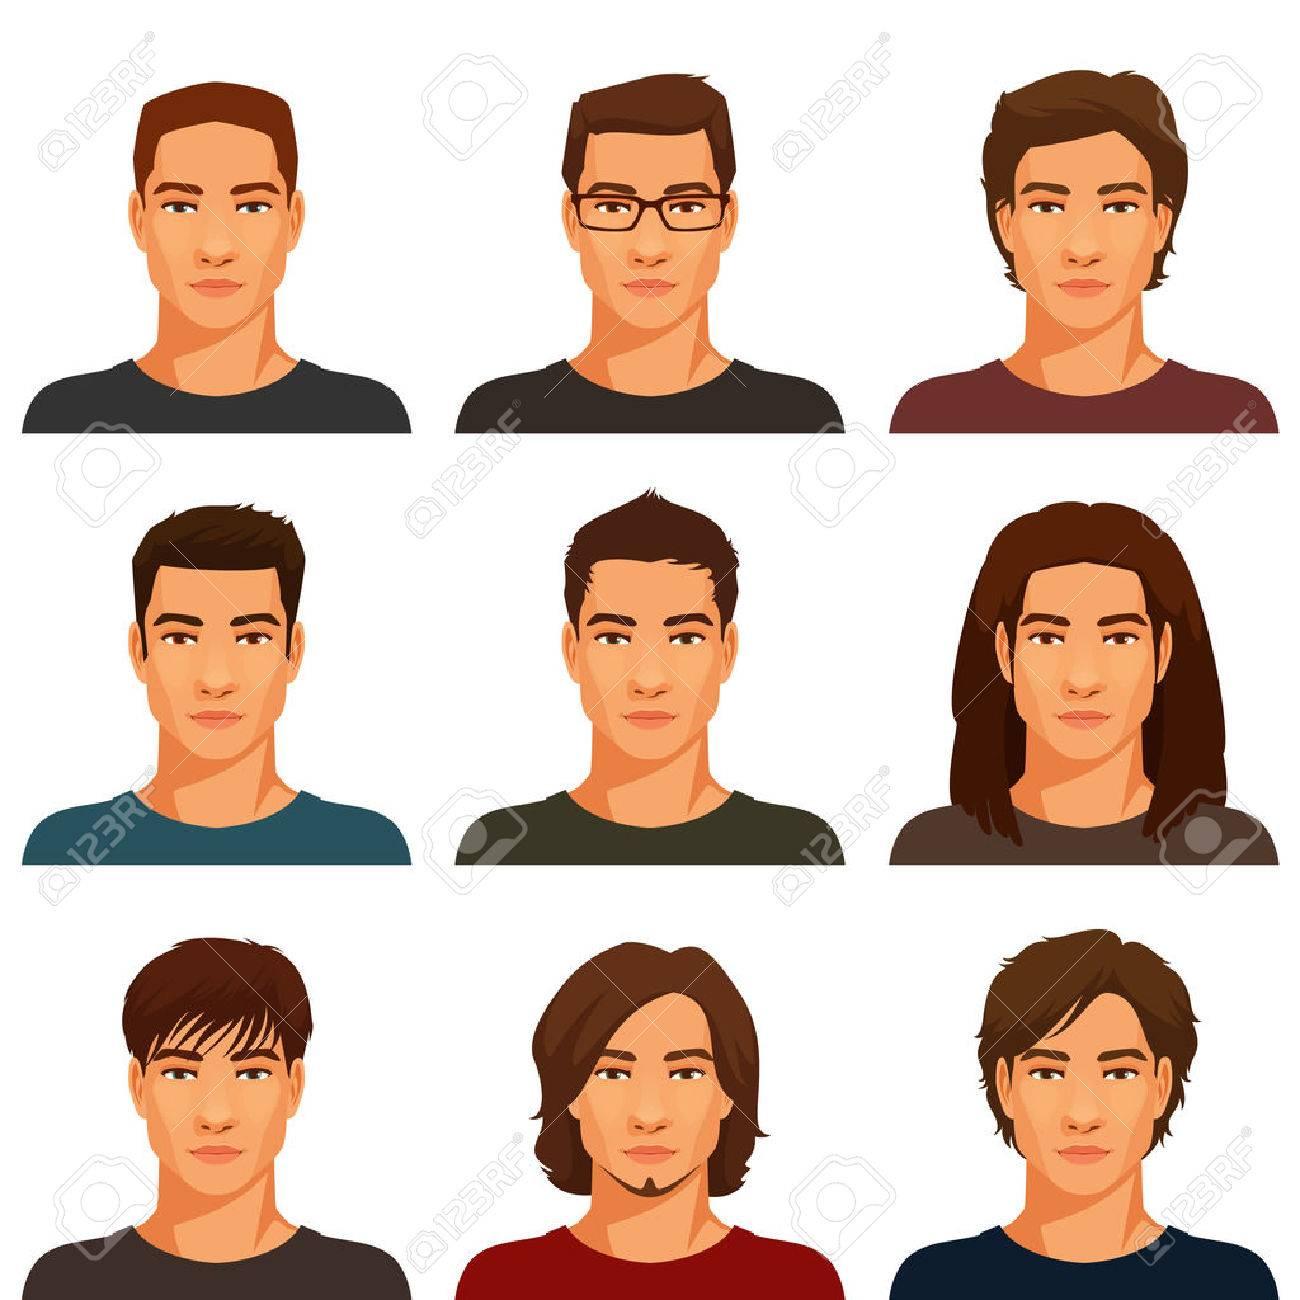 様々 な髪型の若いハンサムな男性 ロイヤリティフリークリップアート